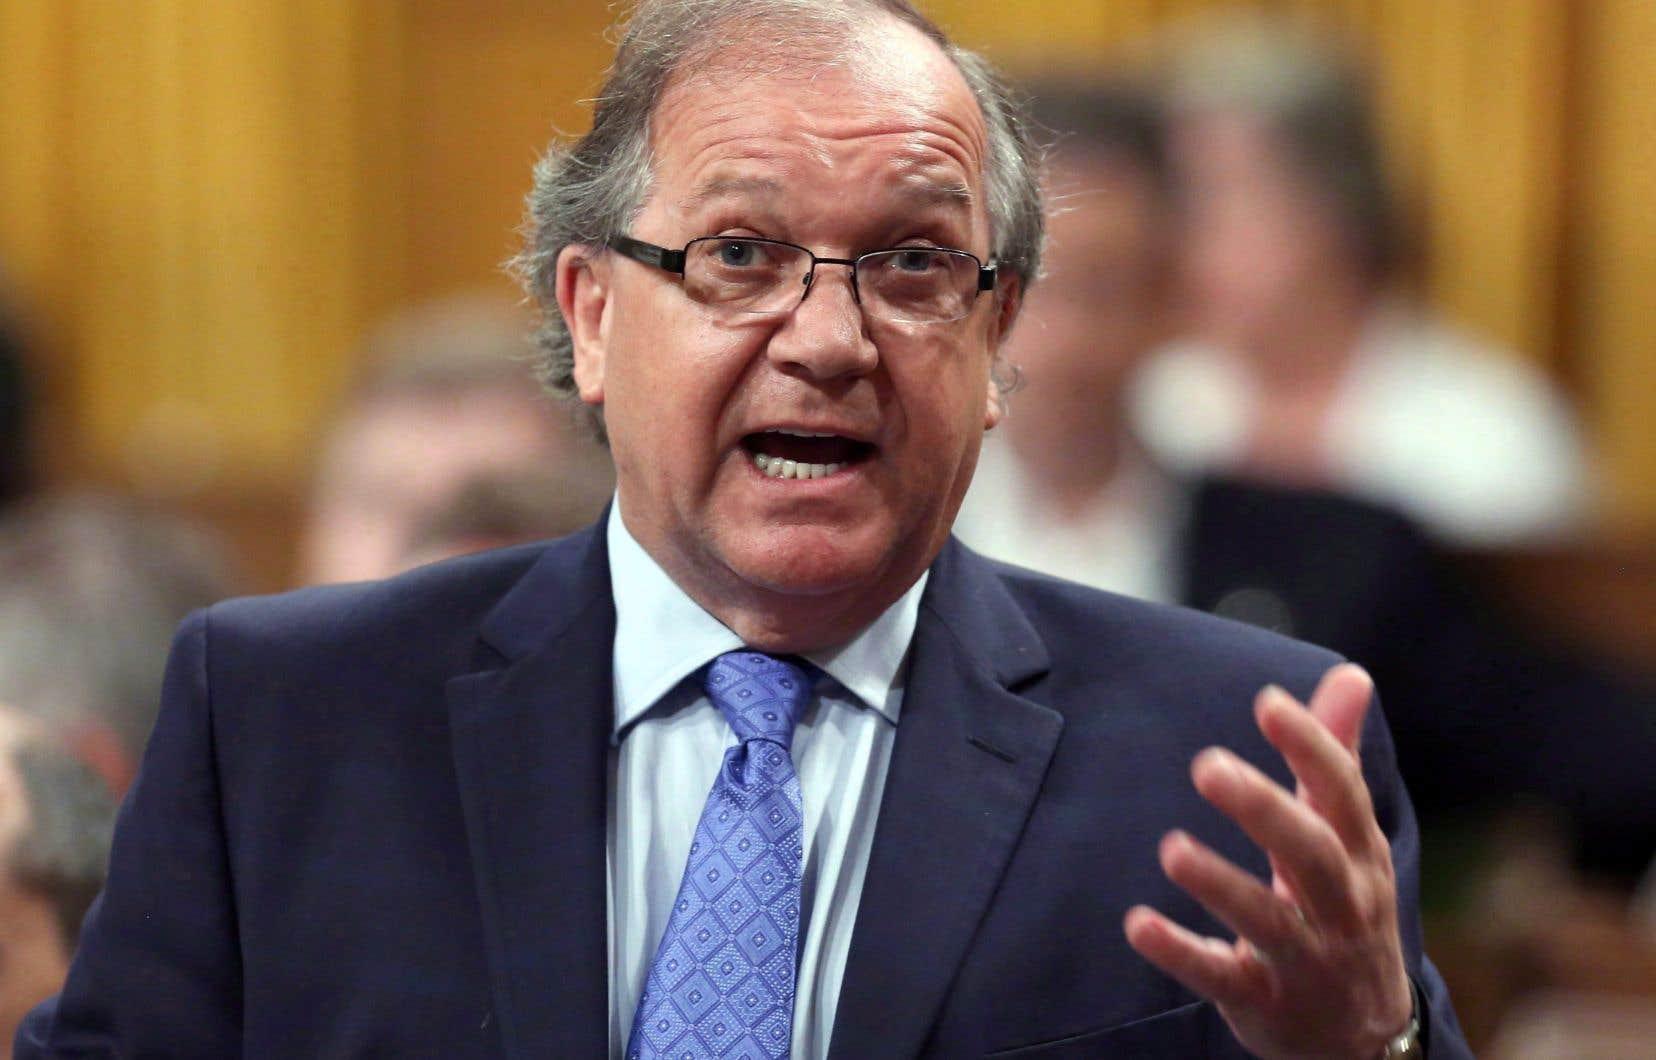 Bernard Valcourt aété député conservateur de 2011 à 2015, le mandat au cours duquel il a été ministre des Affaires autochtones et du développement du Nord canadien.